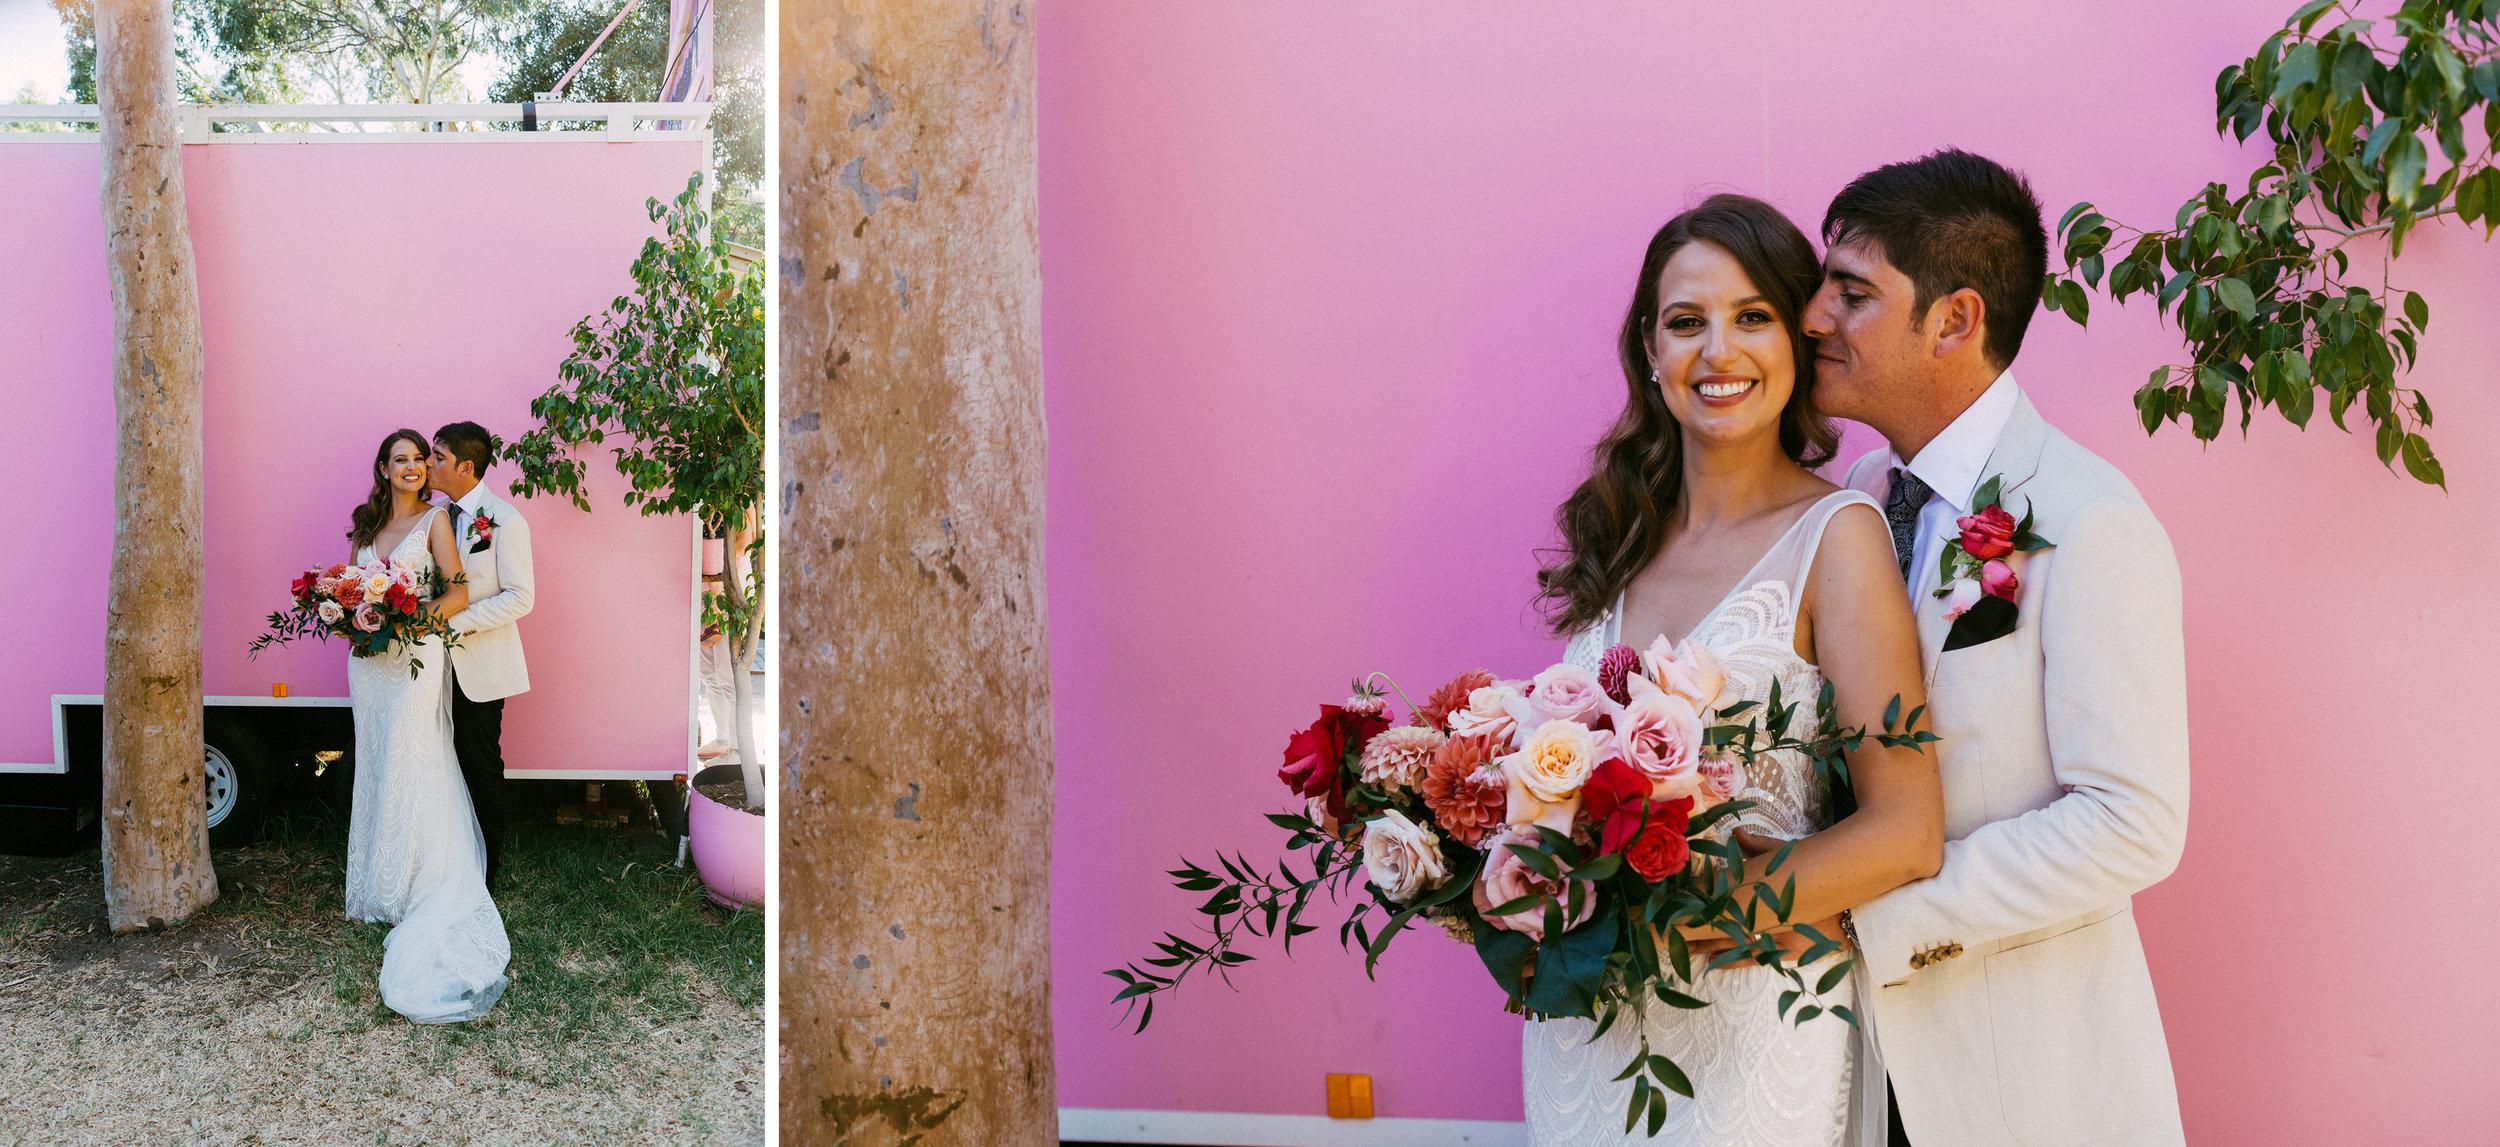 Adelaide City Fringe Garden Unearthly Delight Wedding 077.jpg